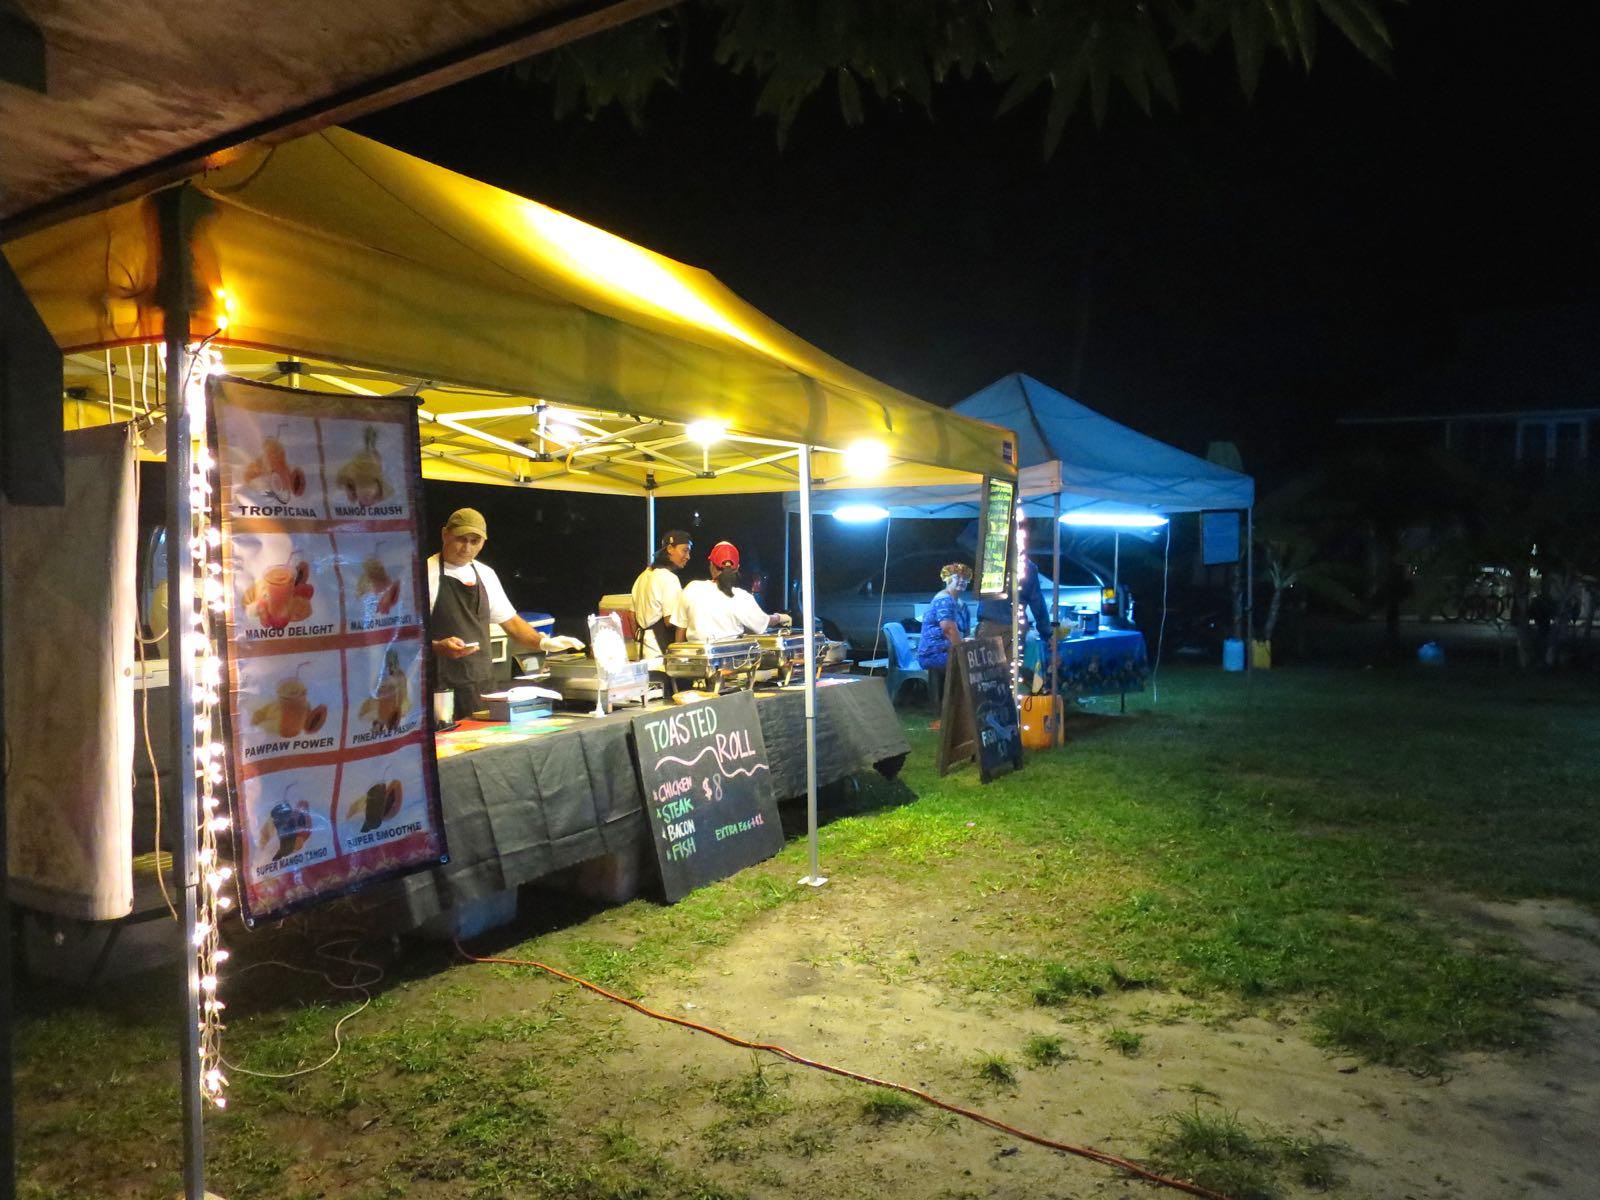 Muri Night Marketilta sai hyvää, joskin usein vähän epäterveellistä ruokaa